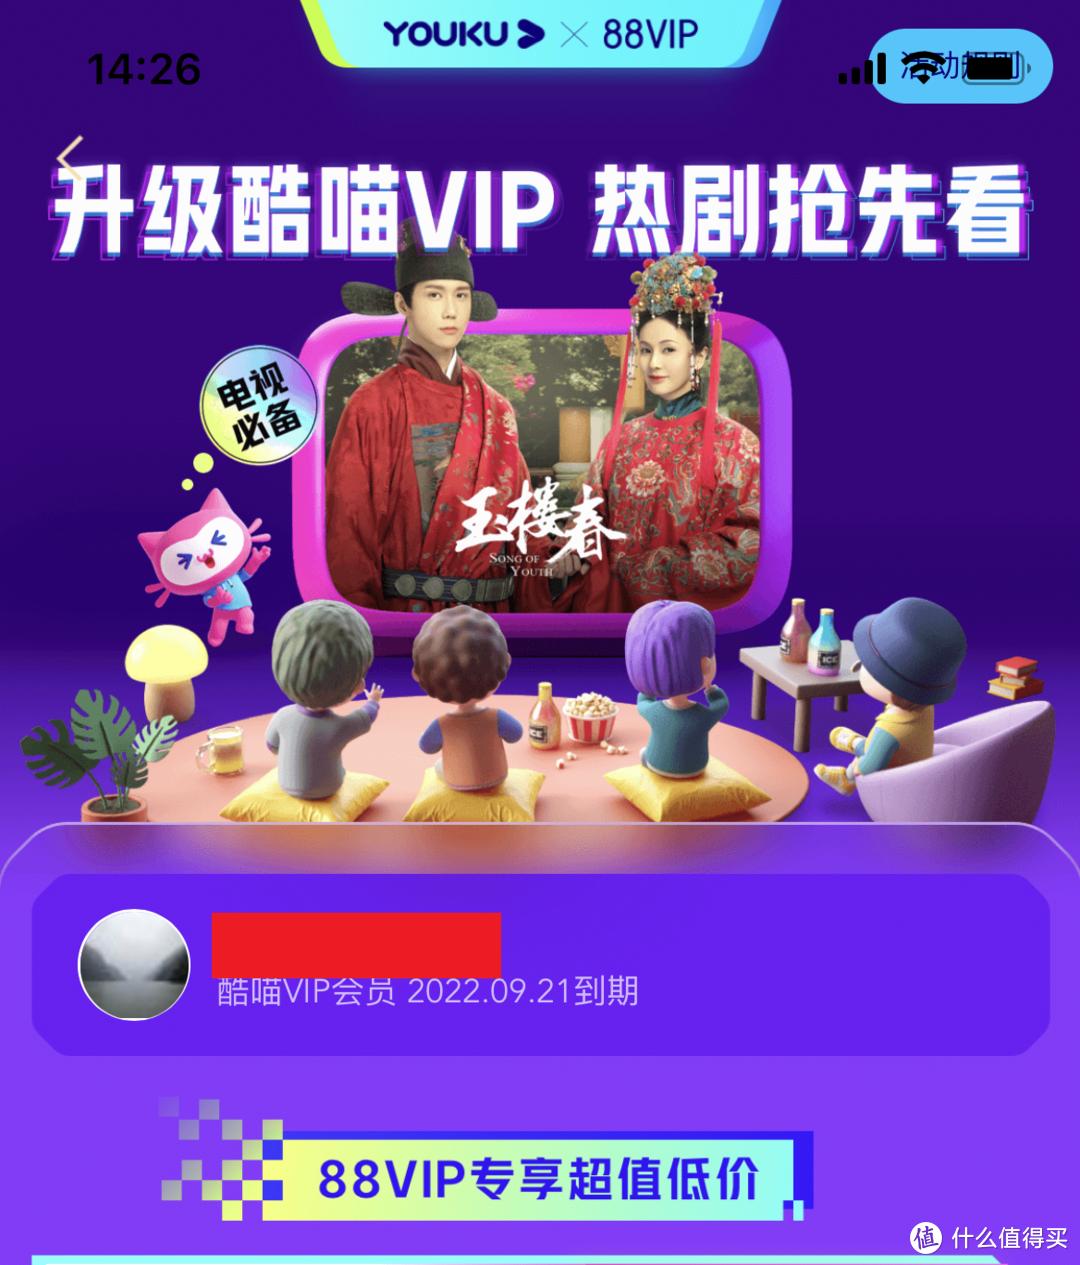 【酷喵VIP福利】5元月卡、60元年卡任你选,1分钟手把手教程